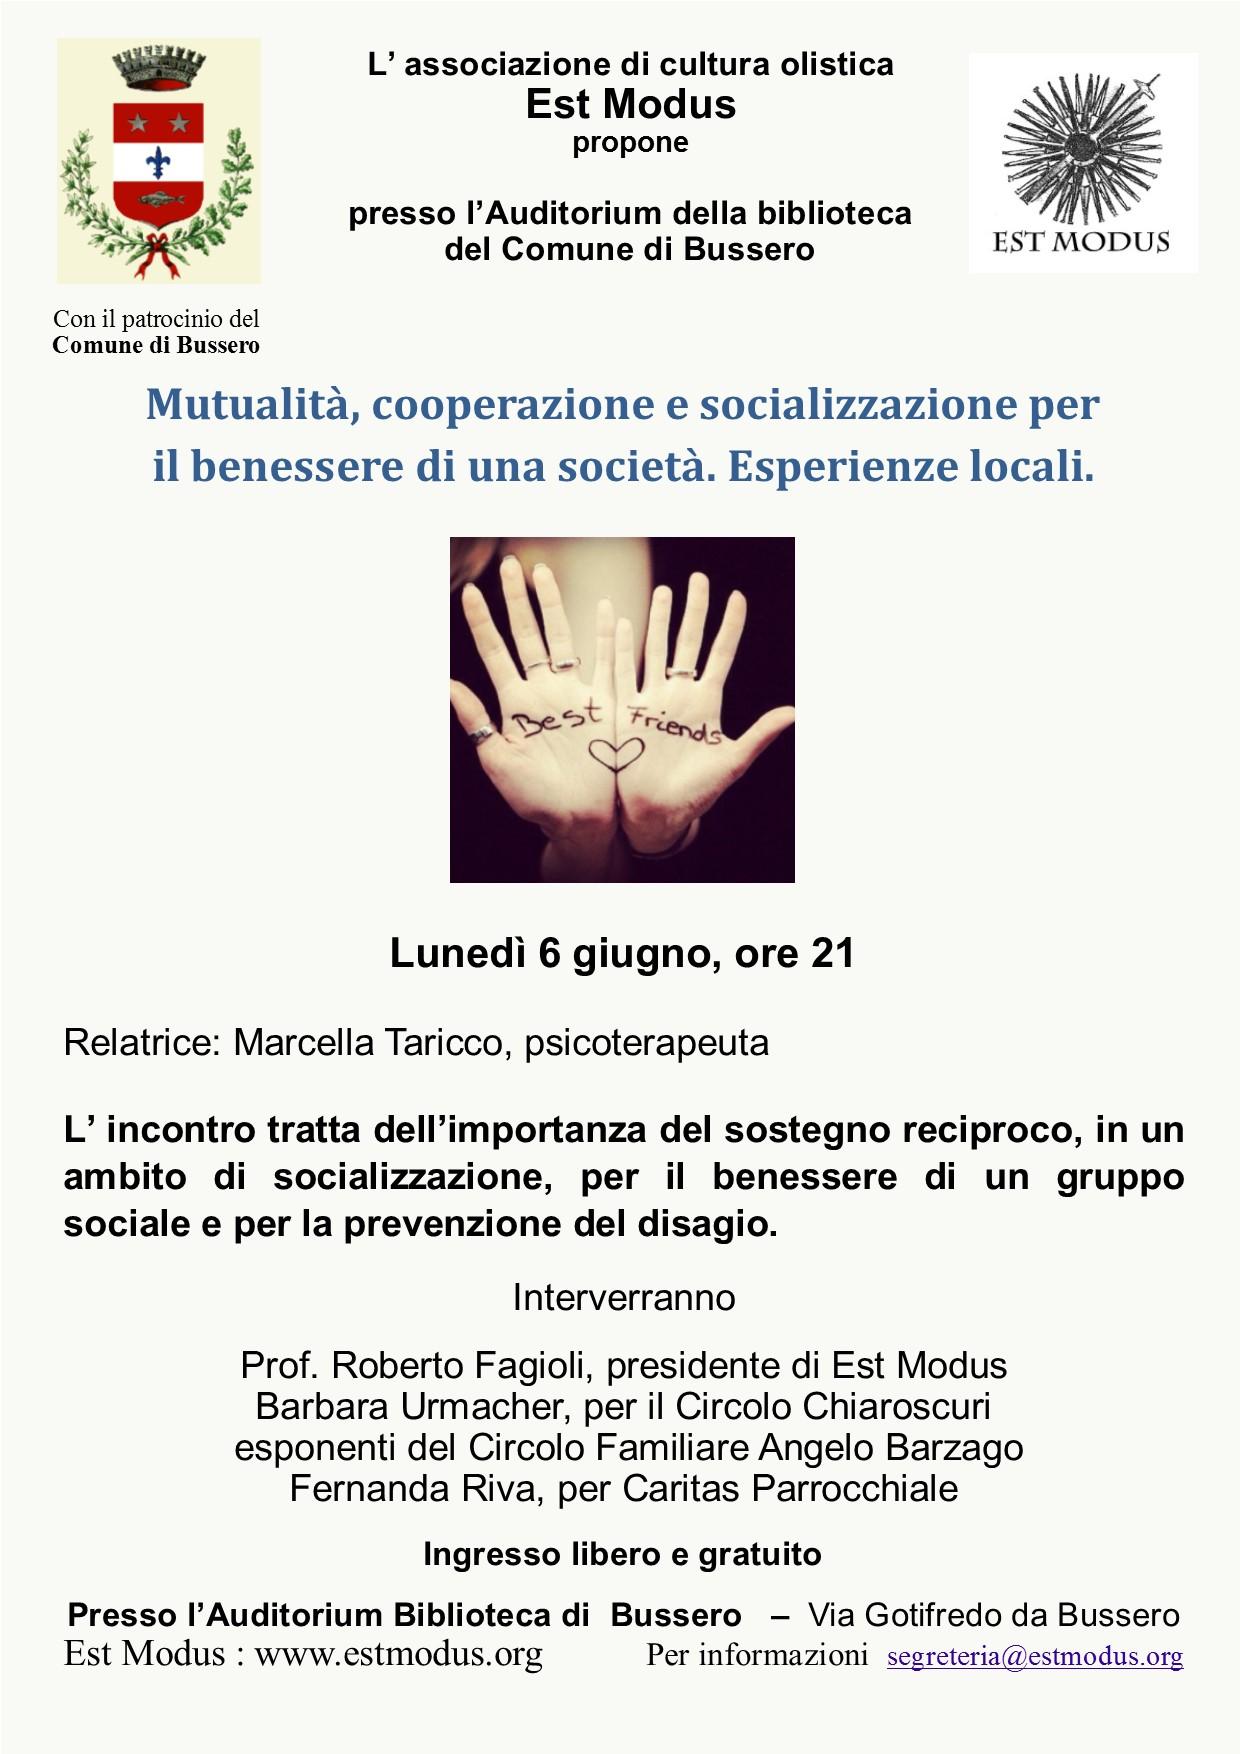 Seminario a Bussero il 6 giugno: Mutualità, cooperazione e socializzazione per il benessere di una società. Esperienze locali.